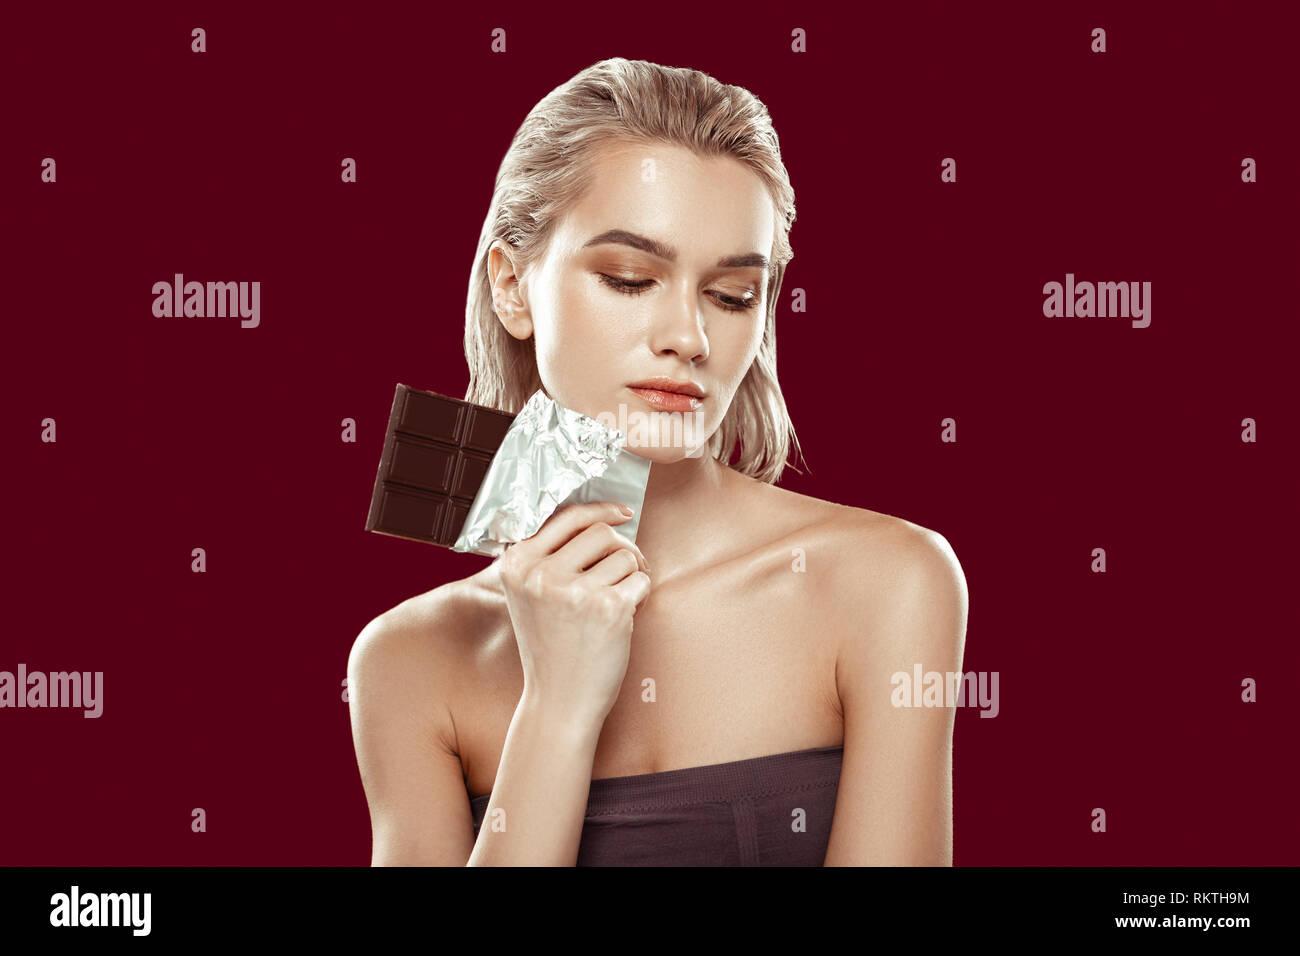 Modèle prenant part à la campagne de saine alimentation chocolat holding Photo Stock